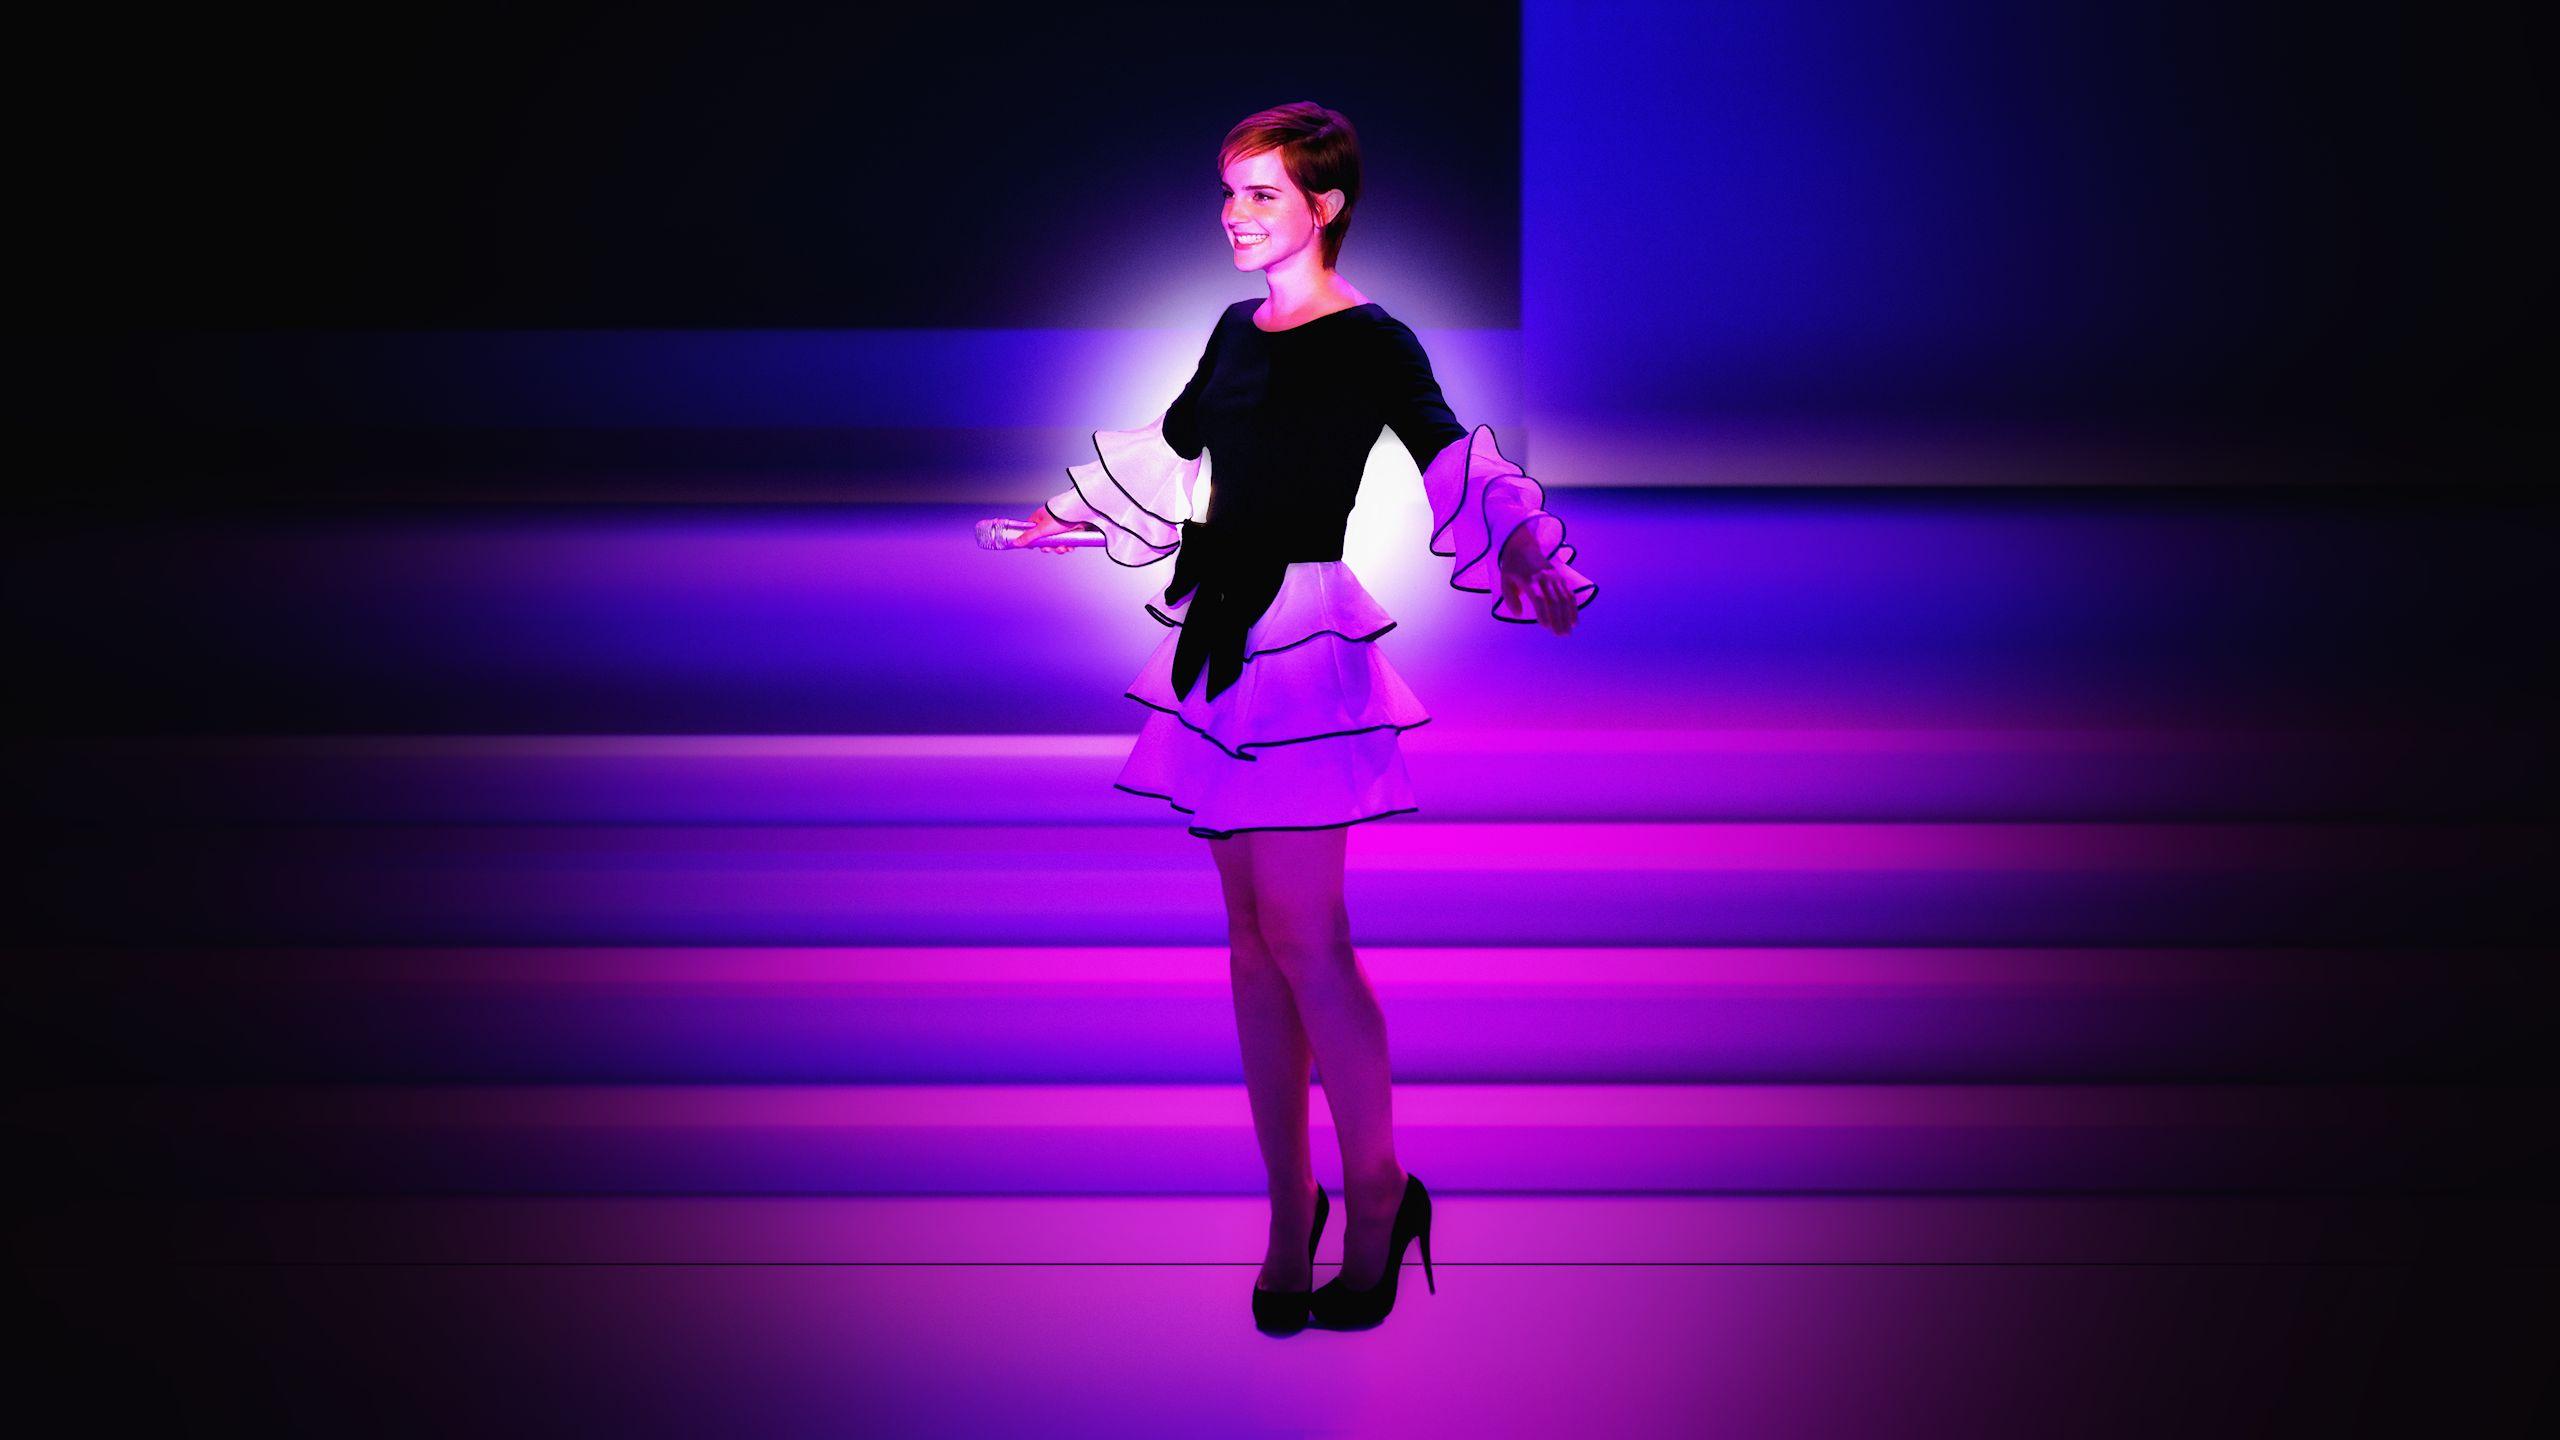 Emma-Watson-10-wallpapers--04.jpg